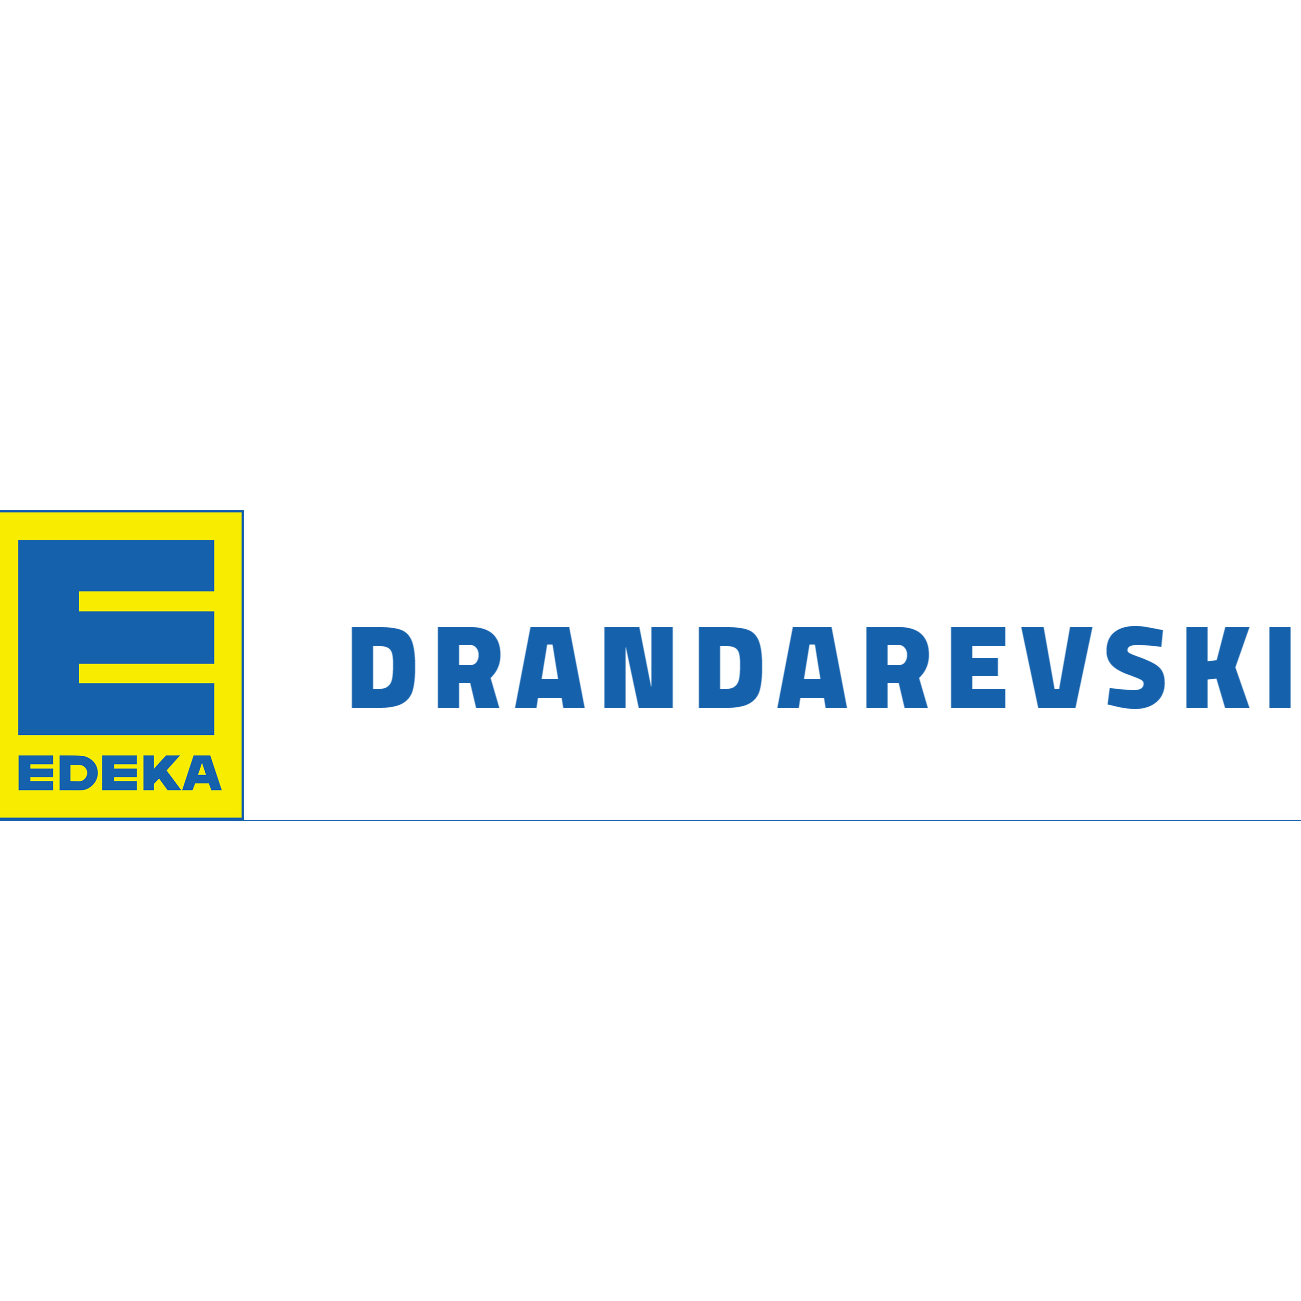 EDEKA Markt Drandarevski Gilching